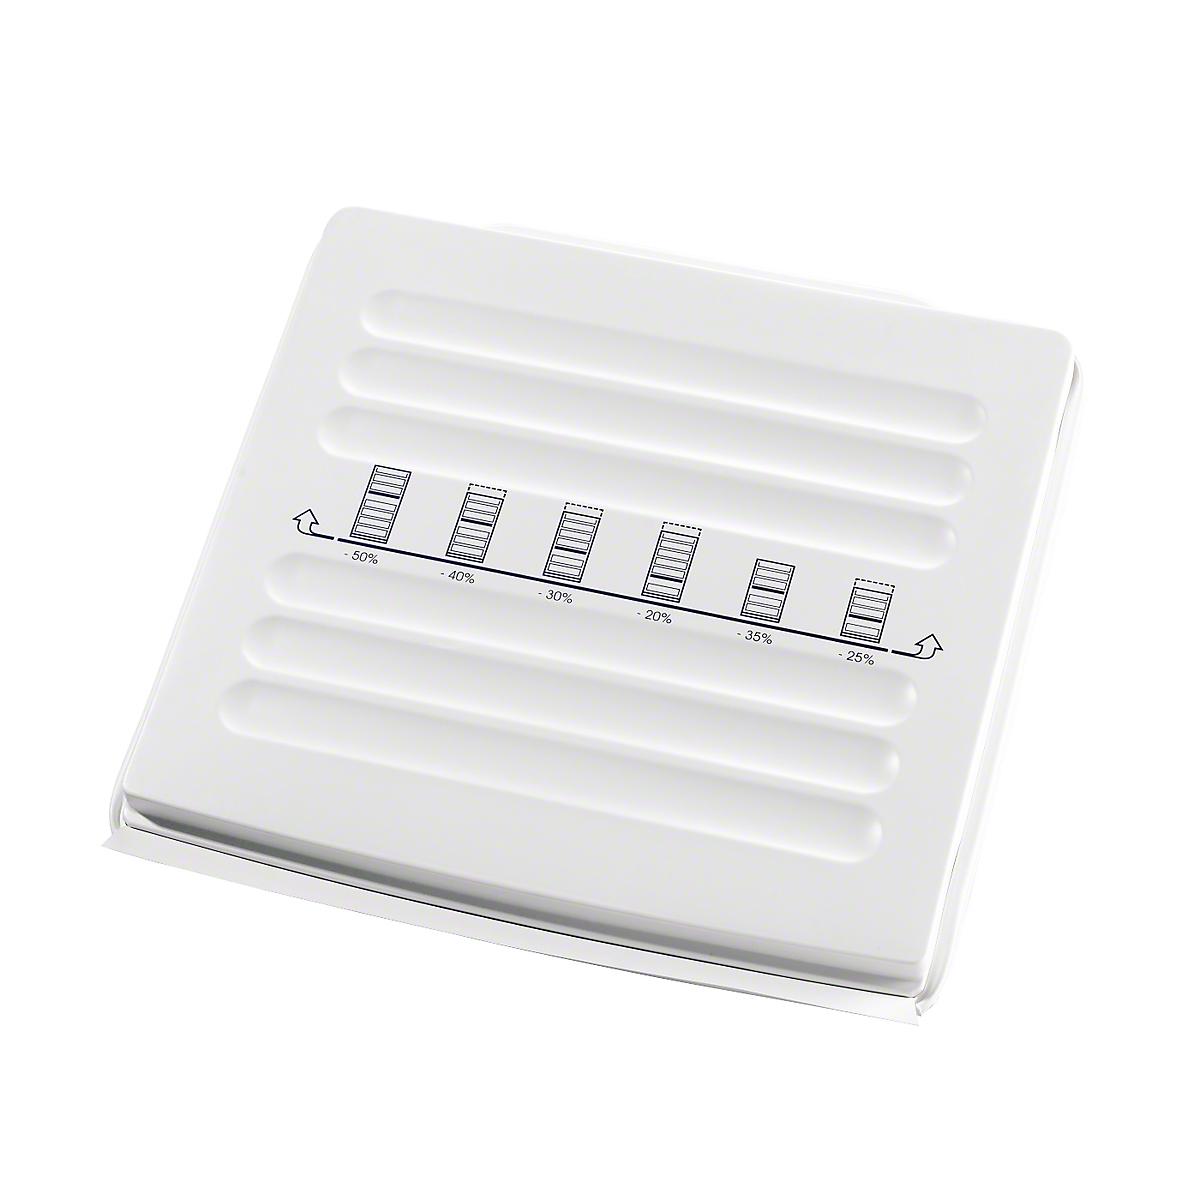 Miele Einsätze und Filter | IP 600 Isolationsplatte für ... | {Zubehör für gefrierschränke 50}